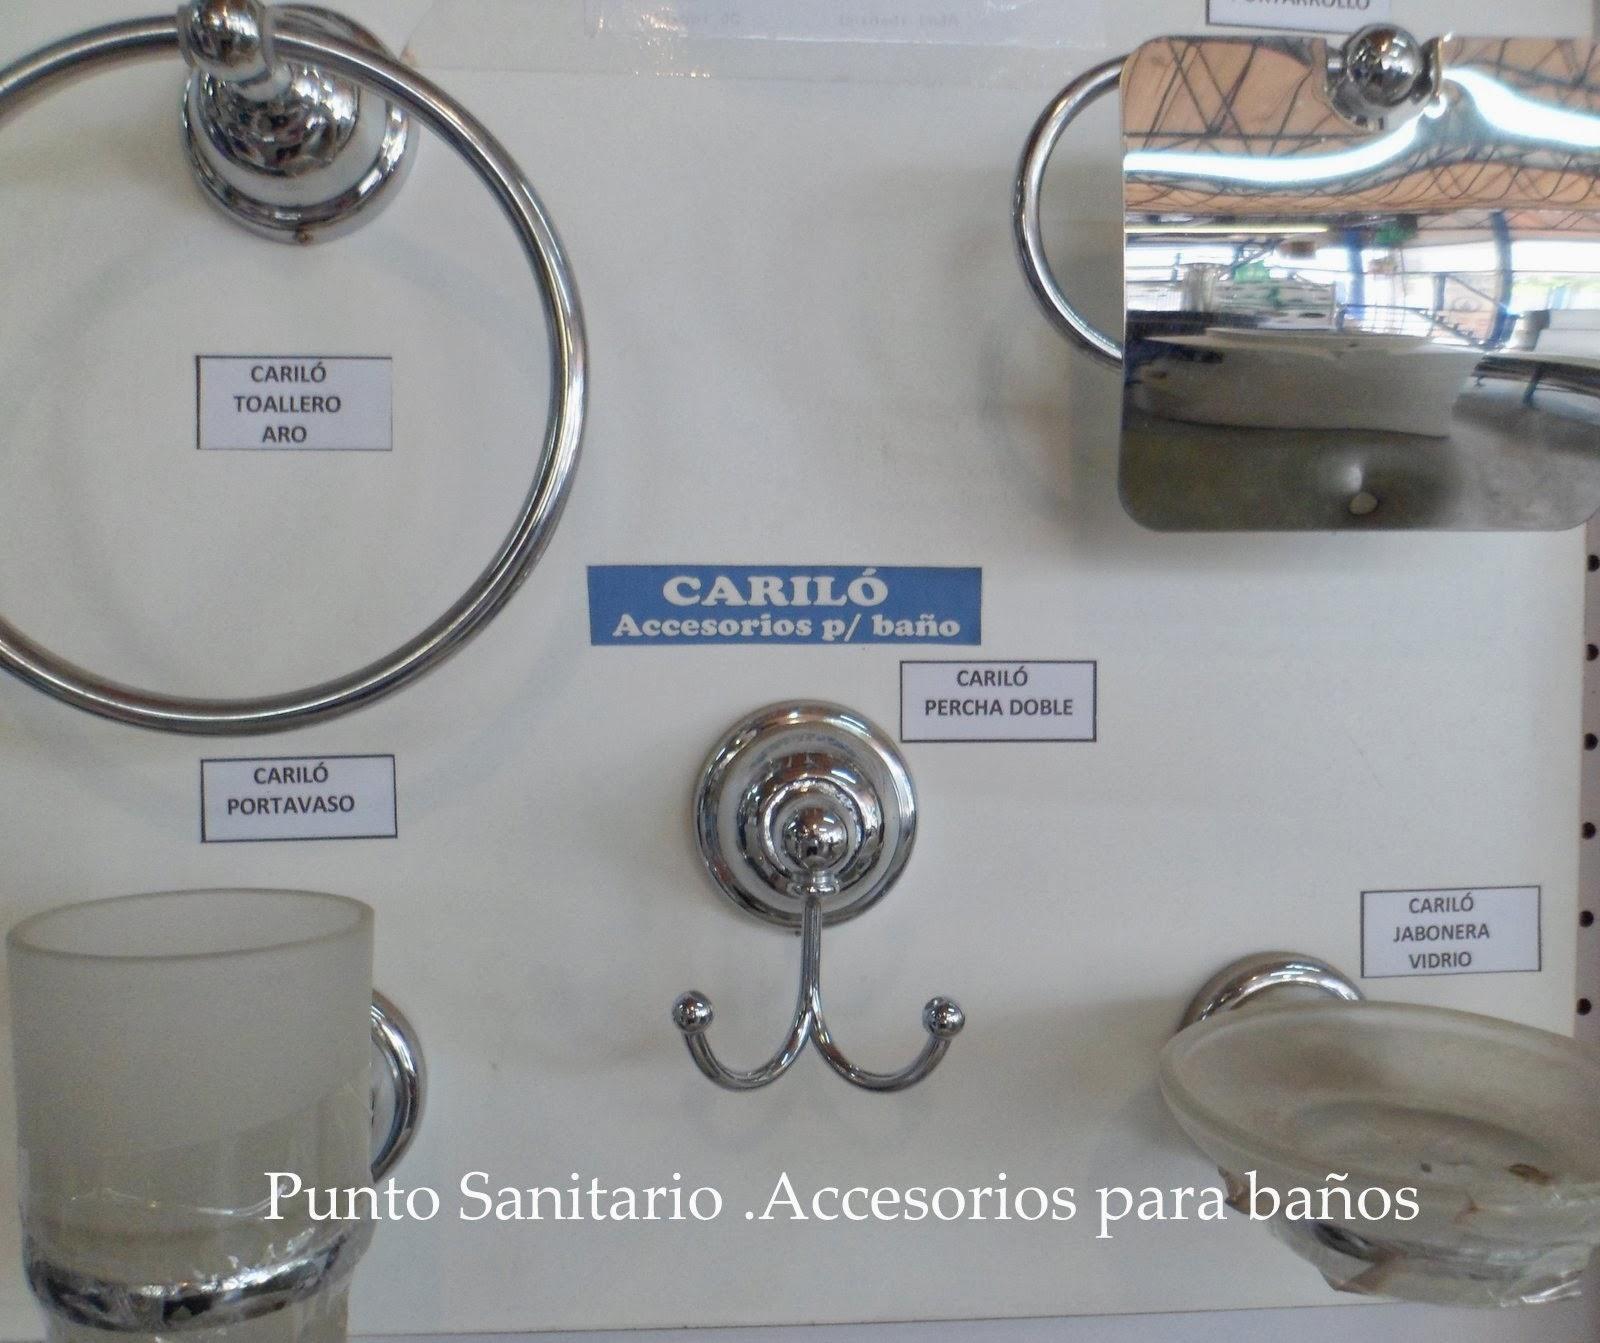 Accesorios de ba o ubicacion for Accesorios para bano economicos